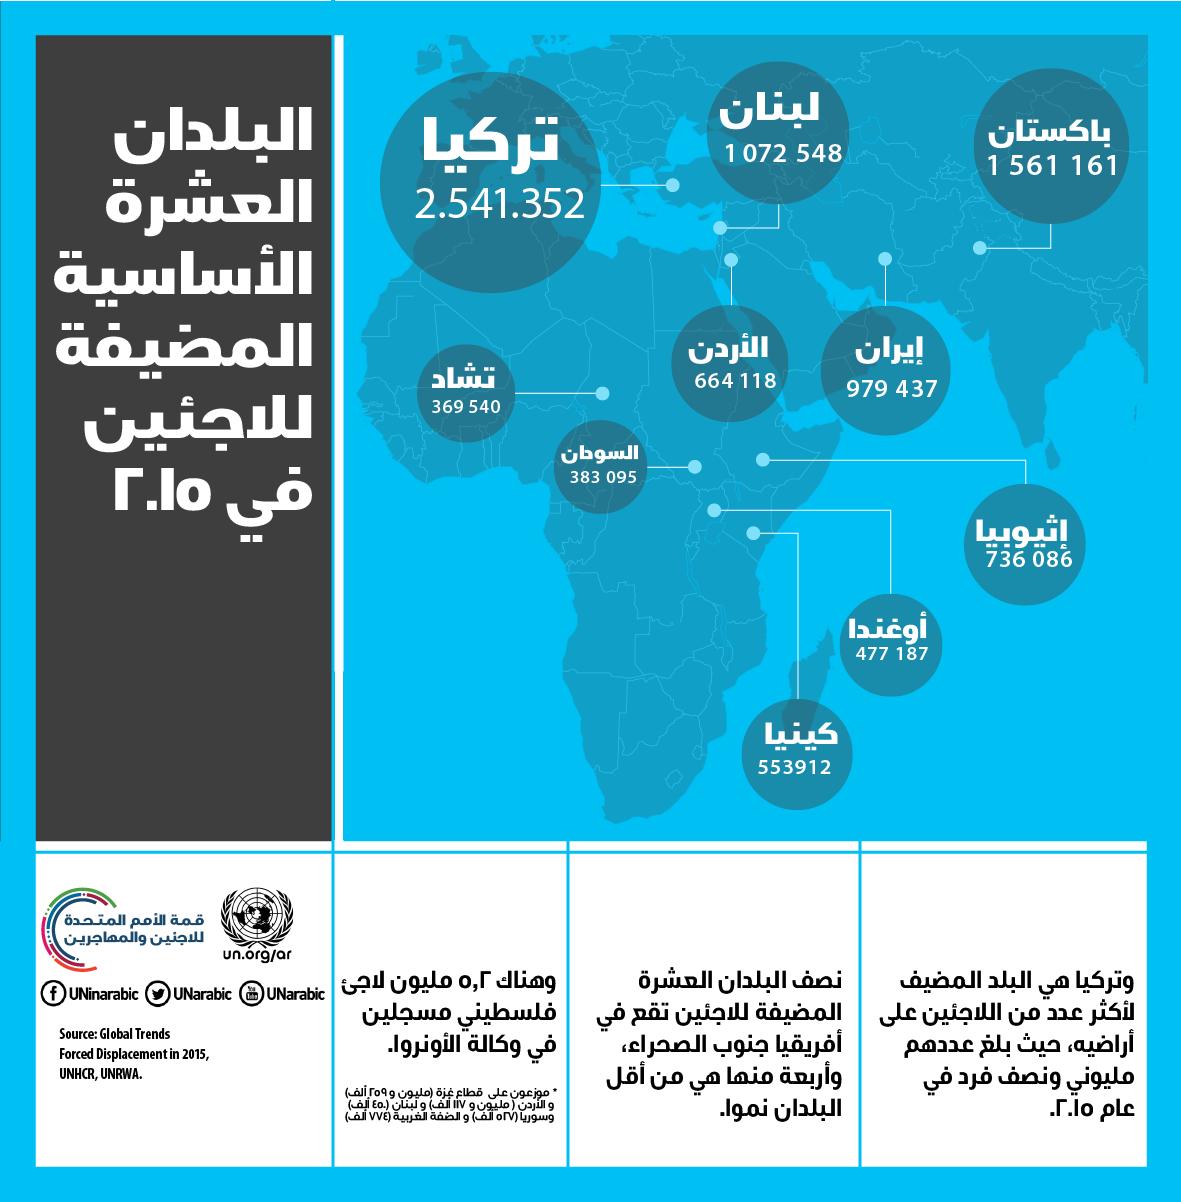 البلدان العشرة الأساسية المضيفة للاجئين في عام 2015